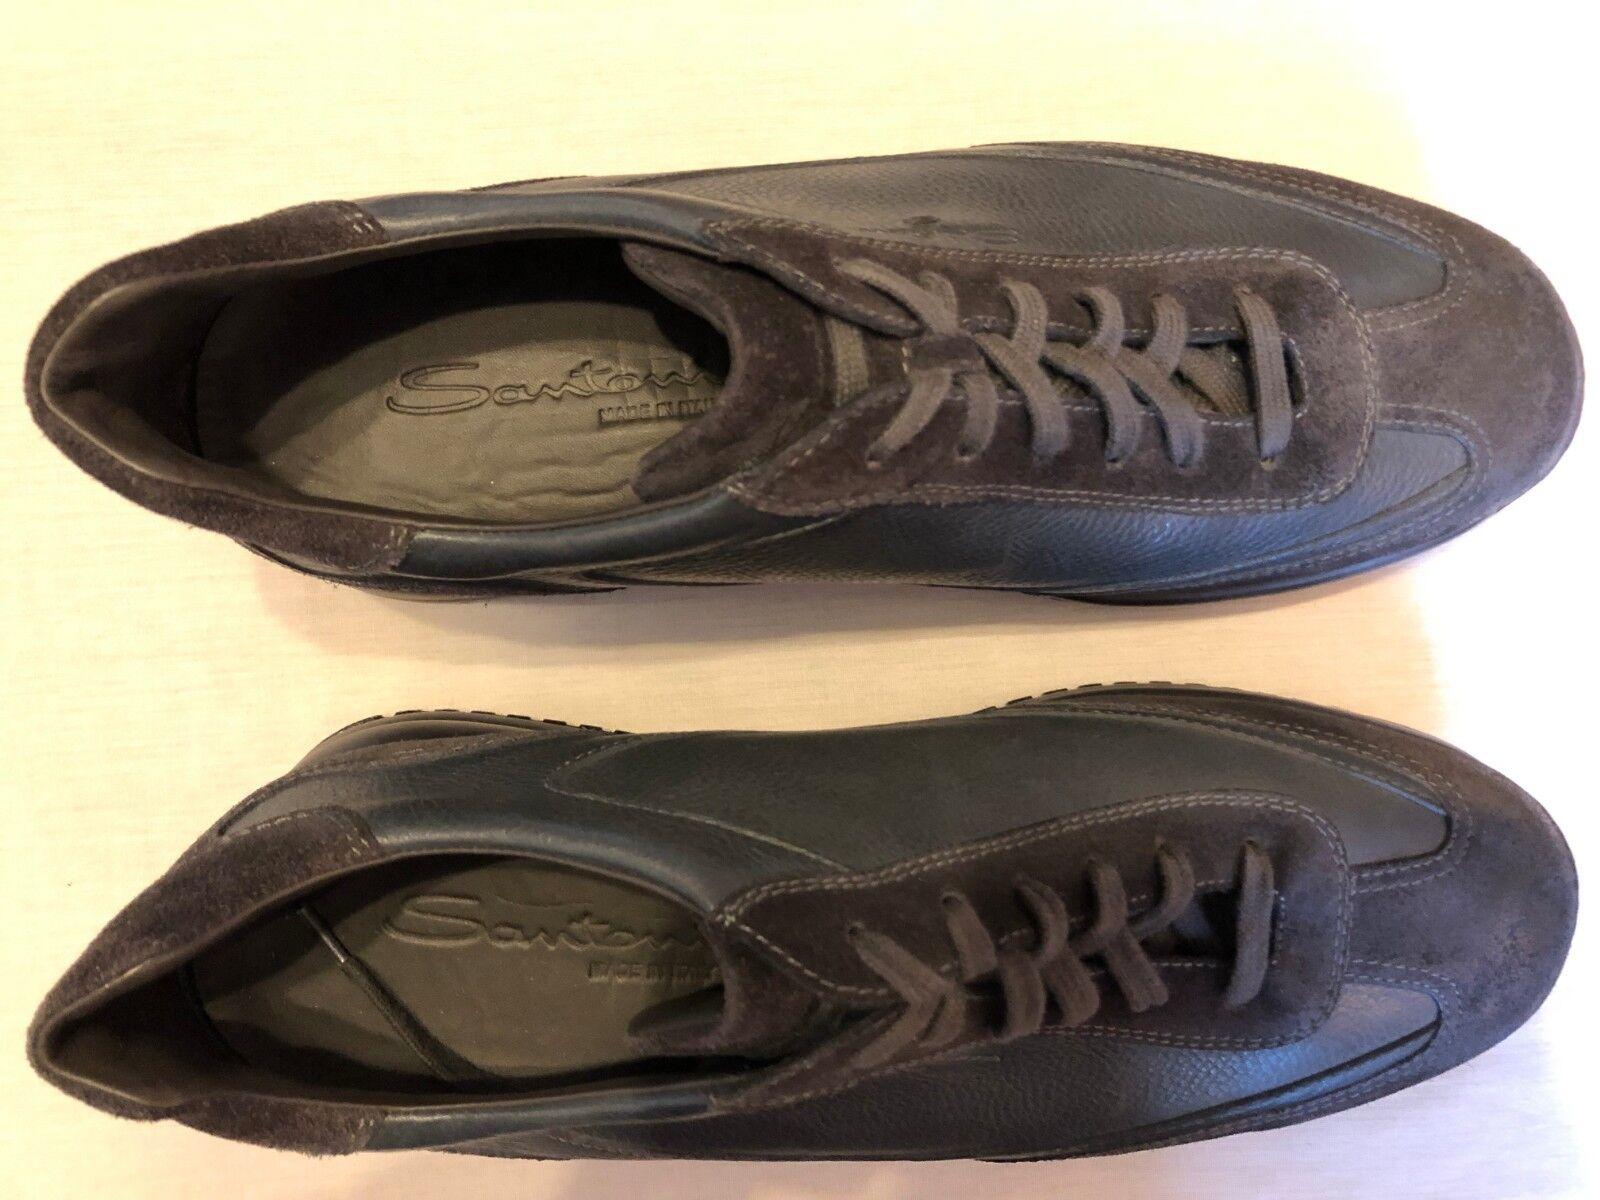 SANTONI - Men's Casual Leather Sneakers - BNWoB UK8   EU42